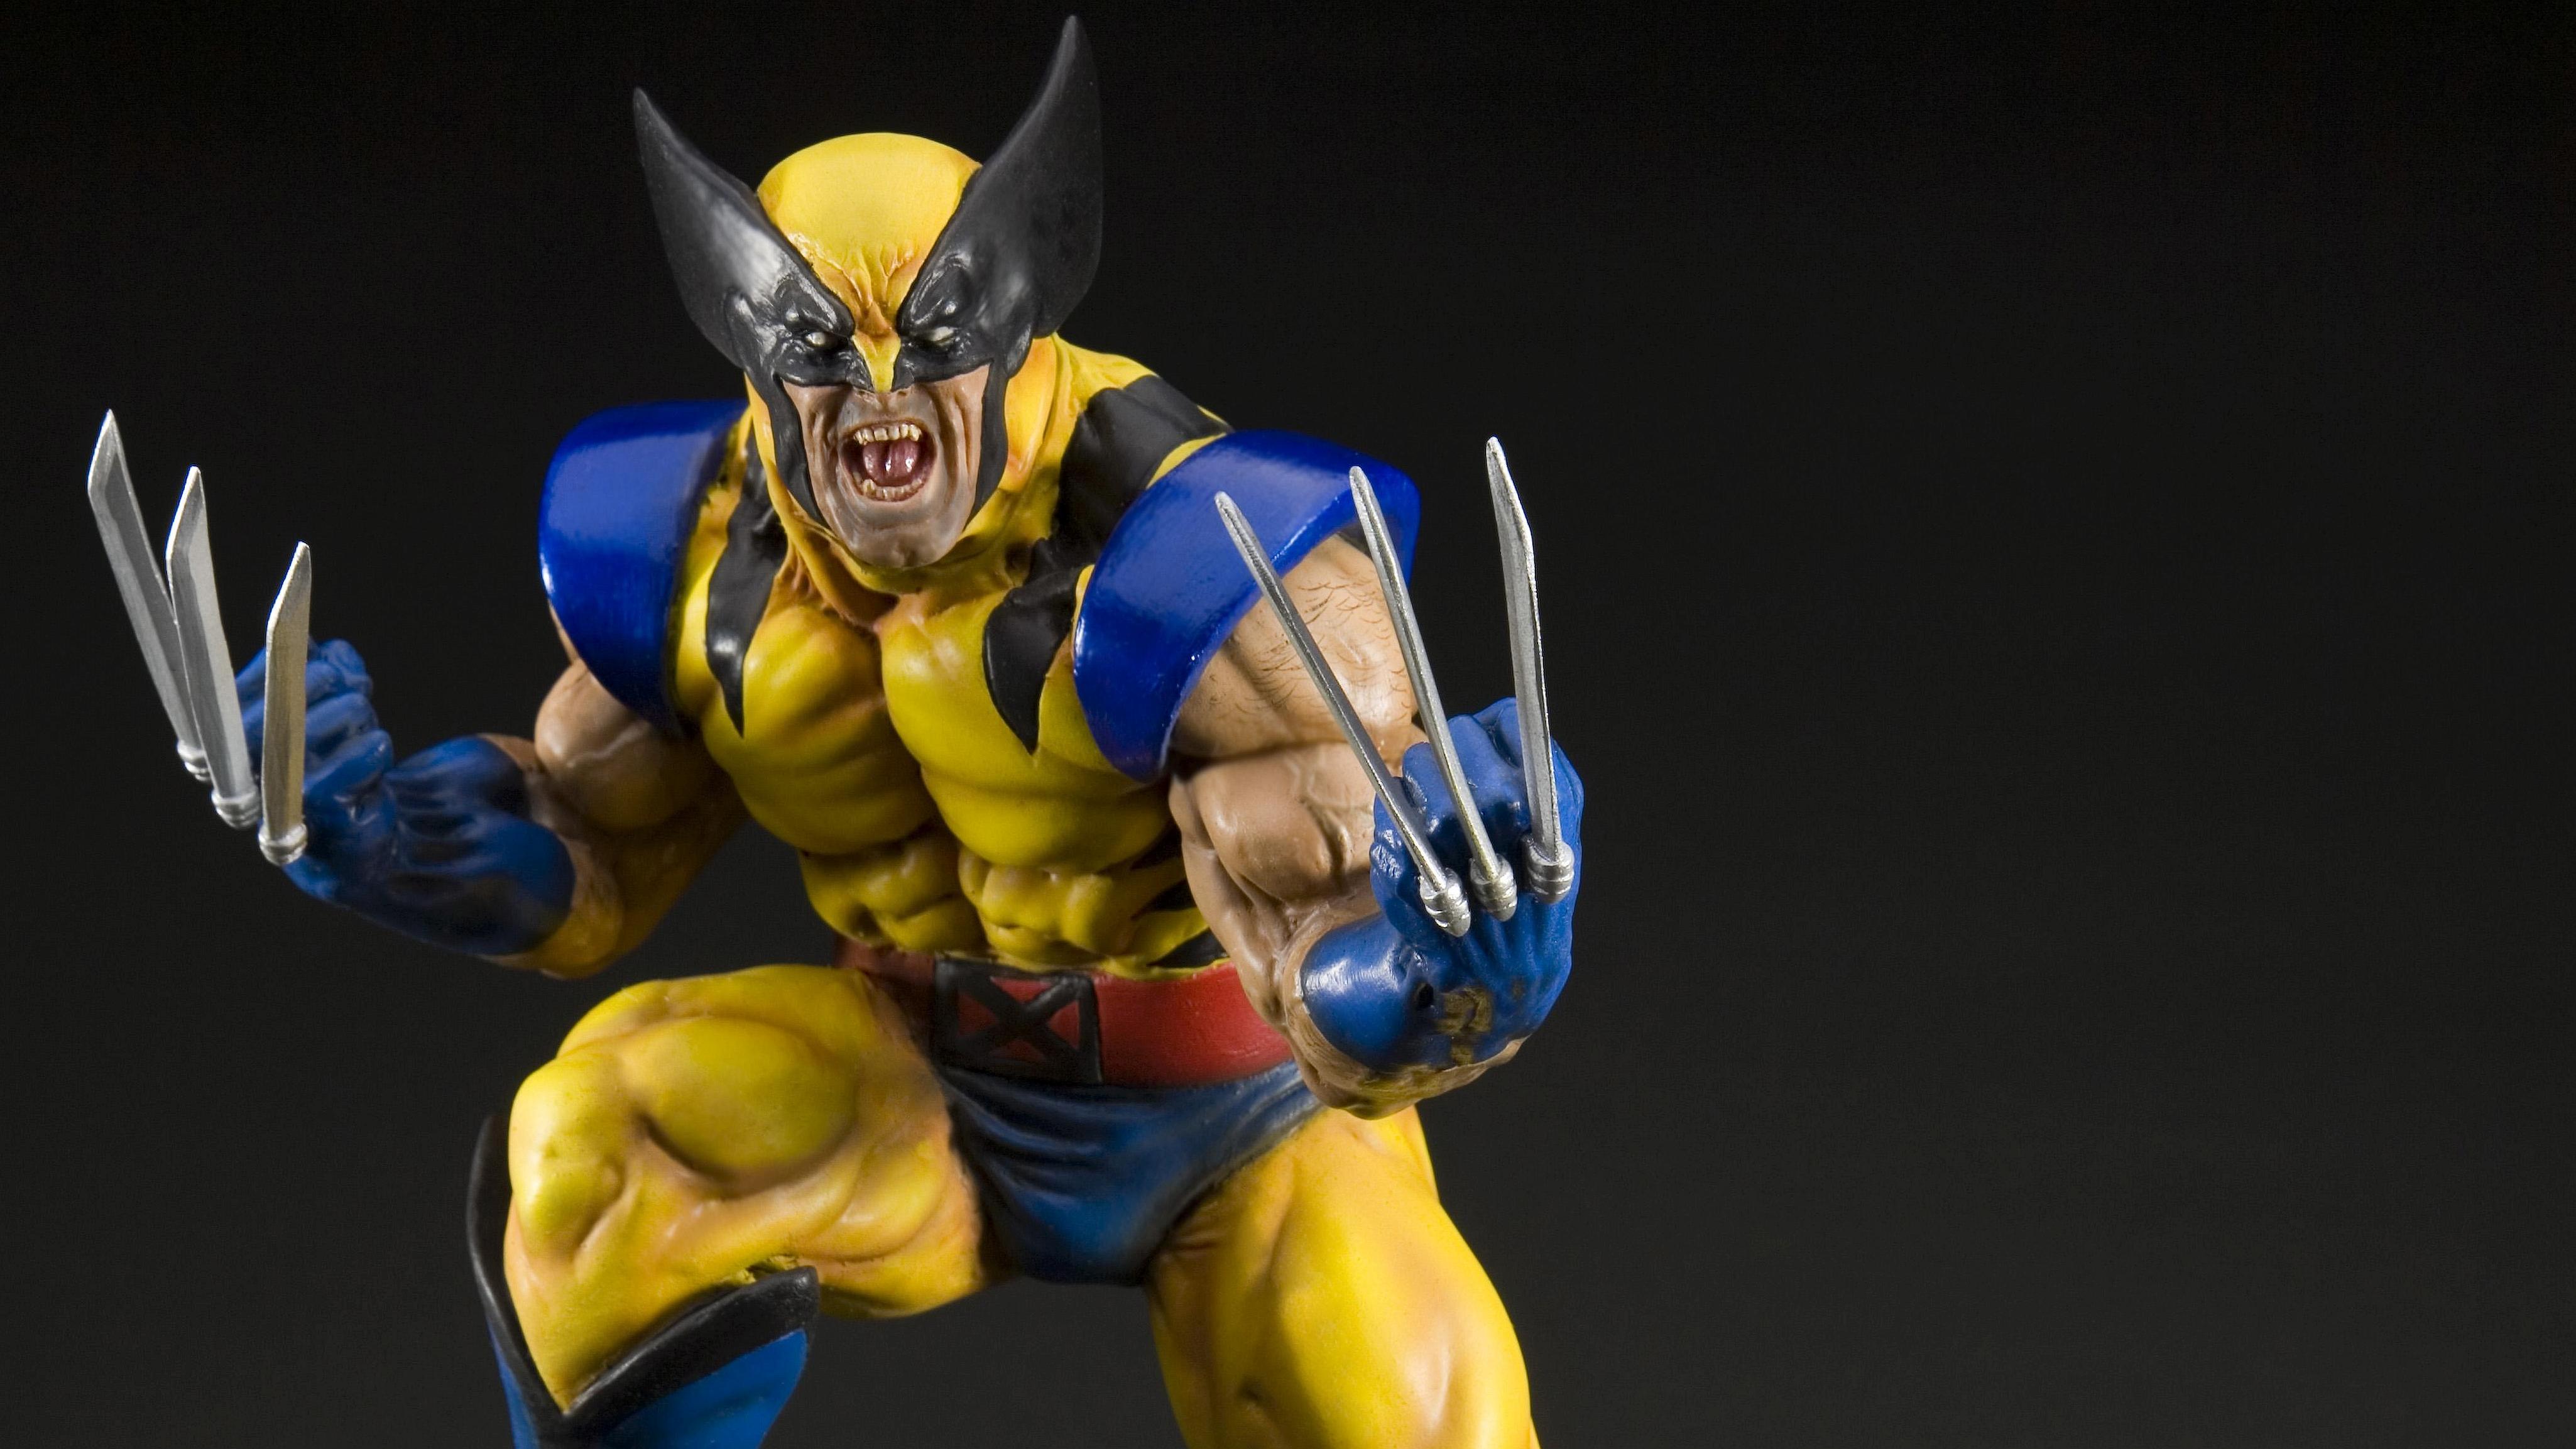 Wolverine 4k ultra hd wallpaper sfondi 4100x2306 id 663631 wallpaper abyss - Wallpaper wolverine 4k ...